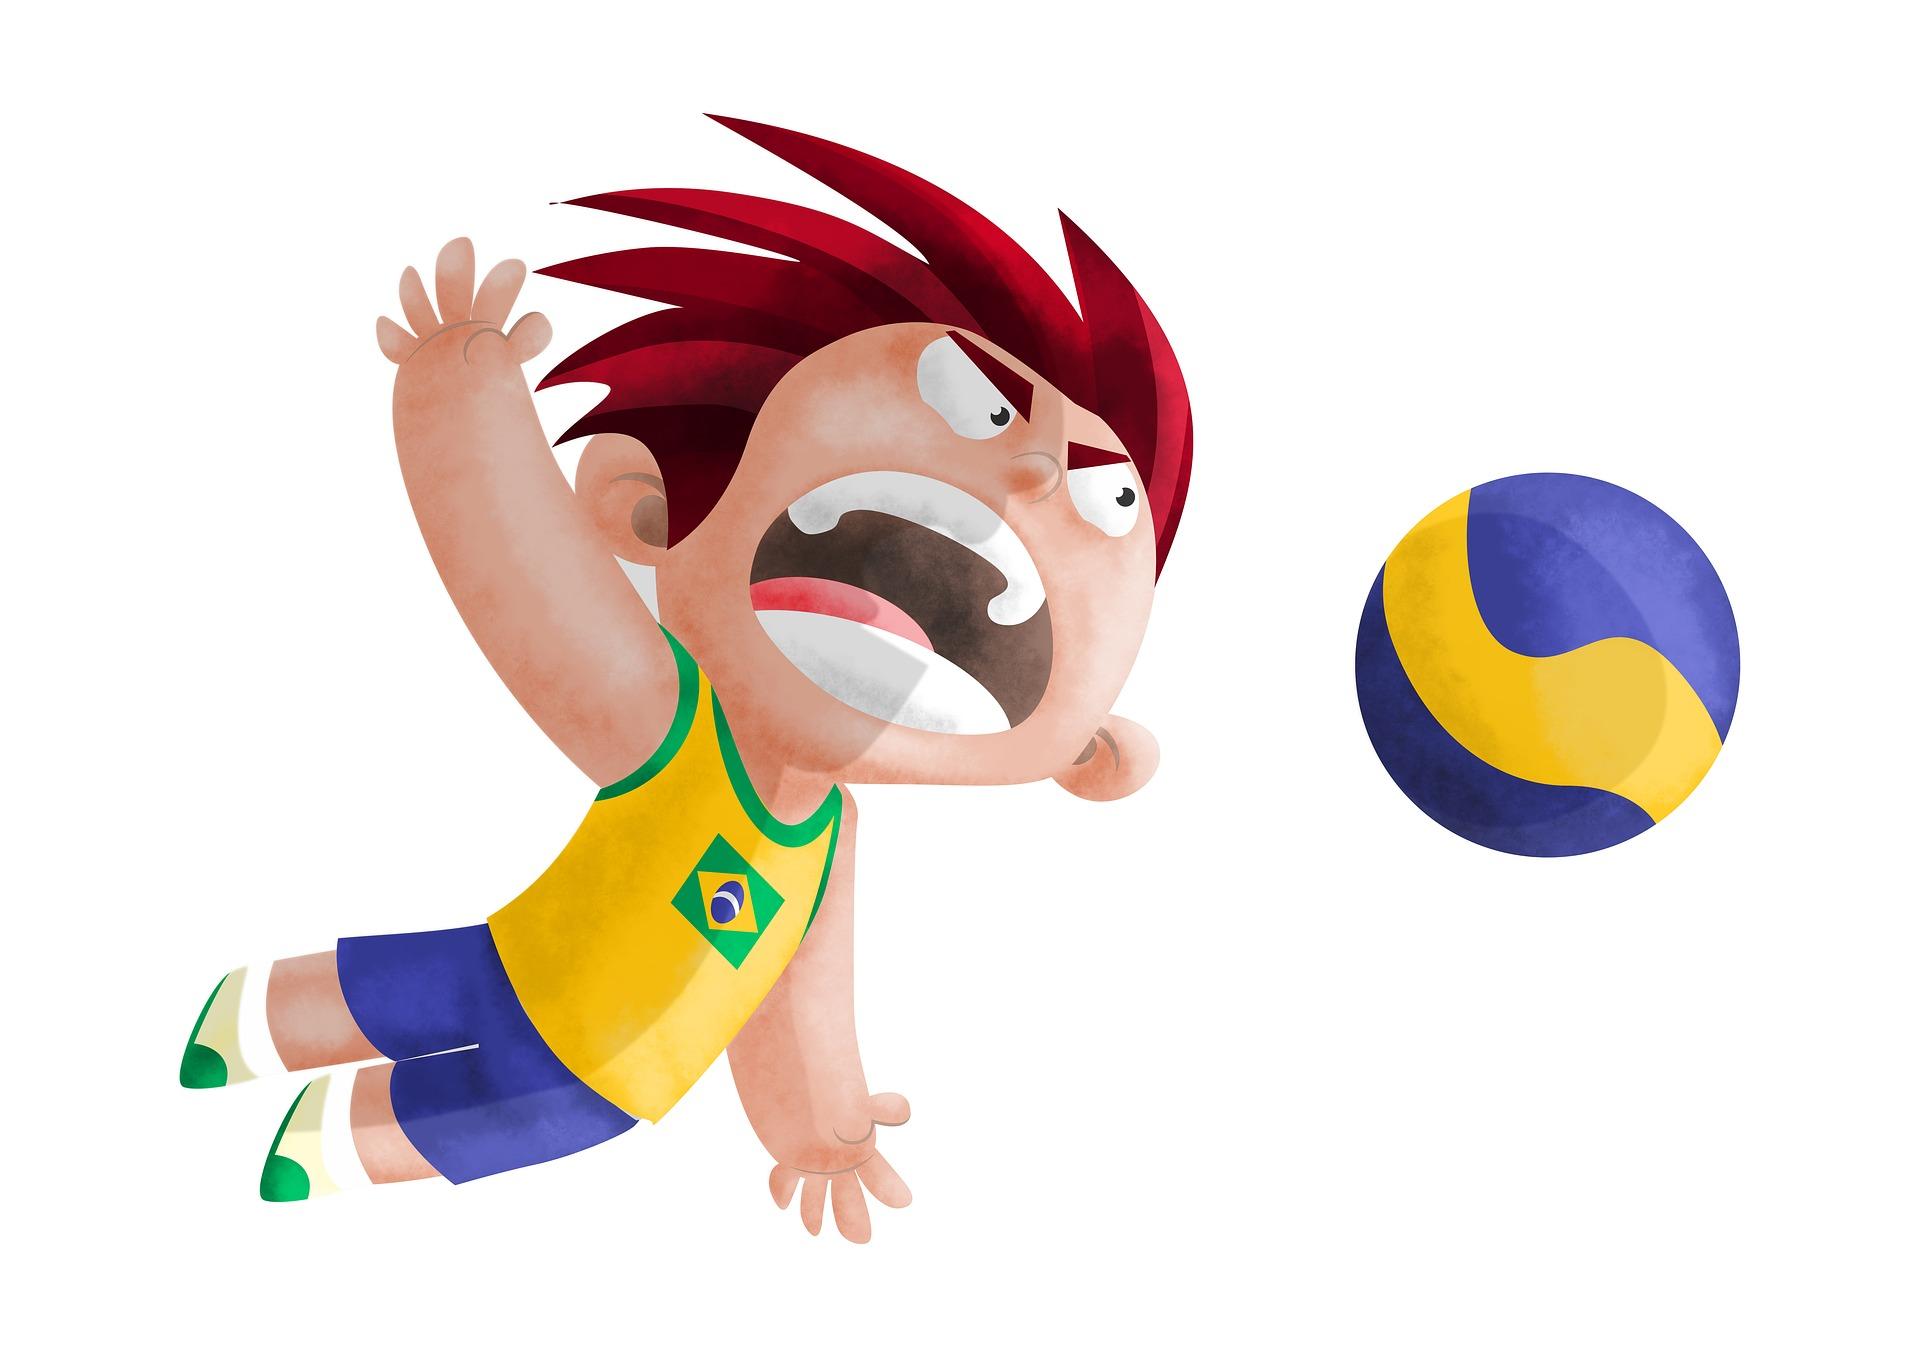 排球, 家伙, 巴西, 奥林匹克运动会, 奥运会 - 高清壁纸 - 教授-falken.com